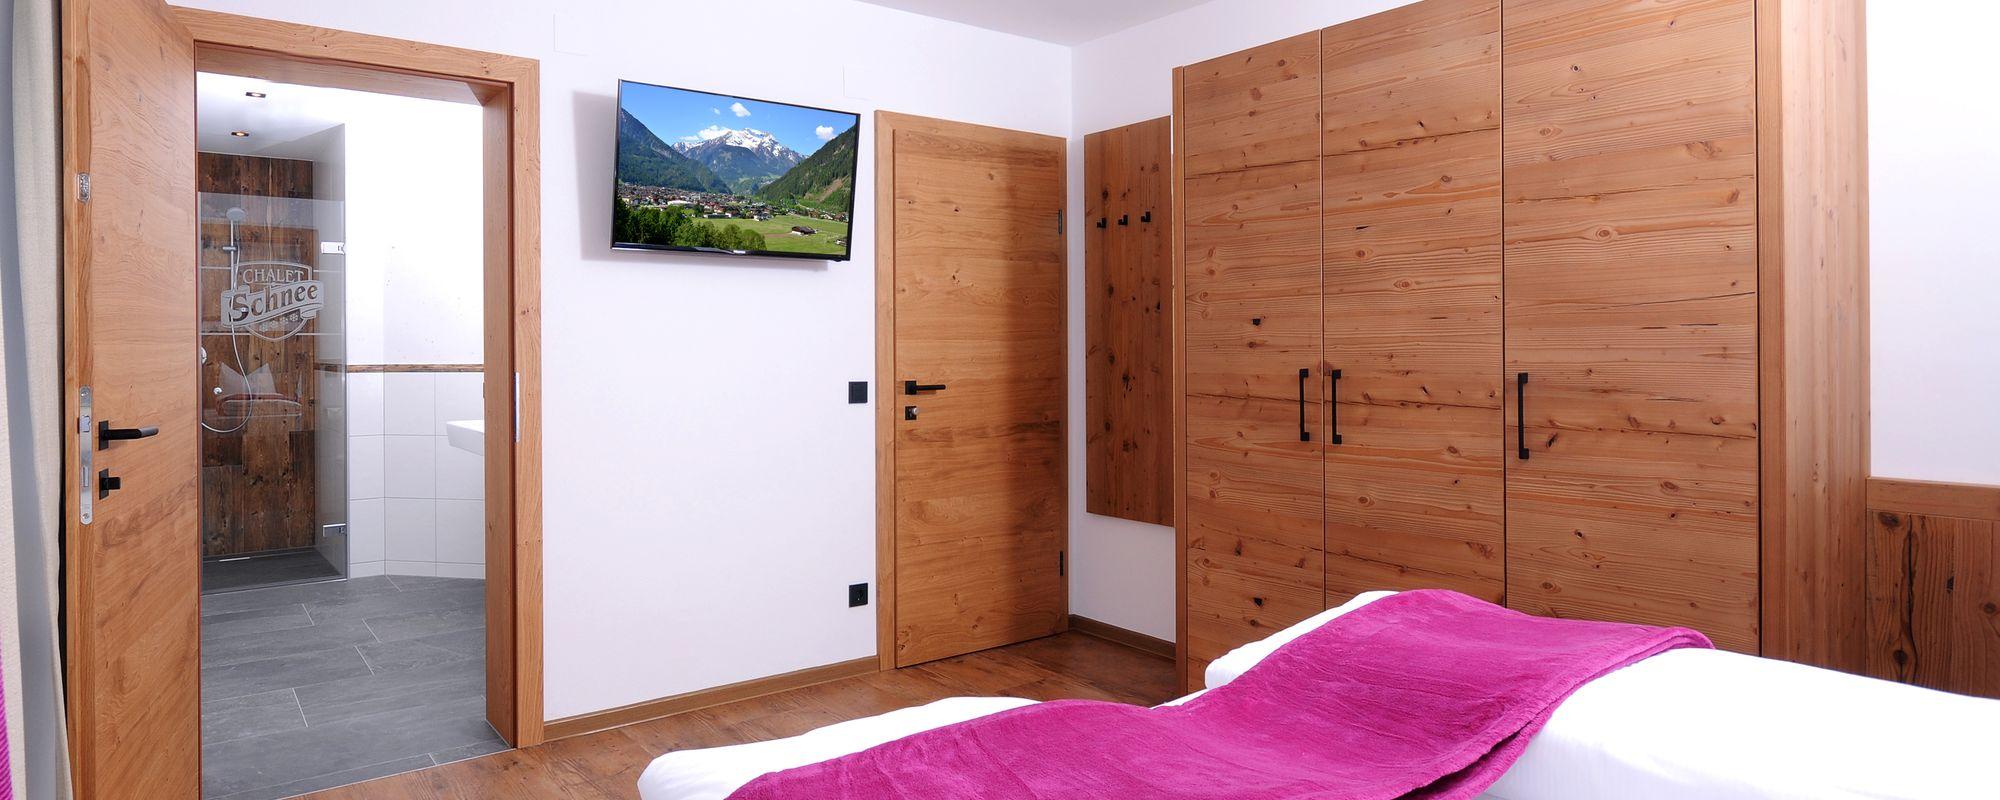 Hochwertig eingerichtetes Doppelzimmer